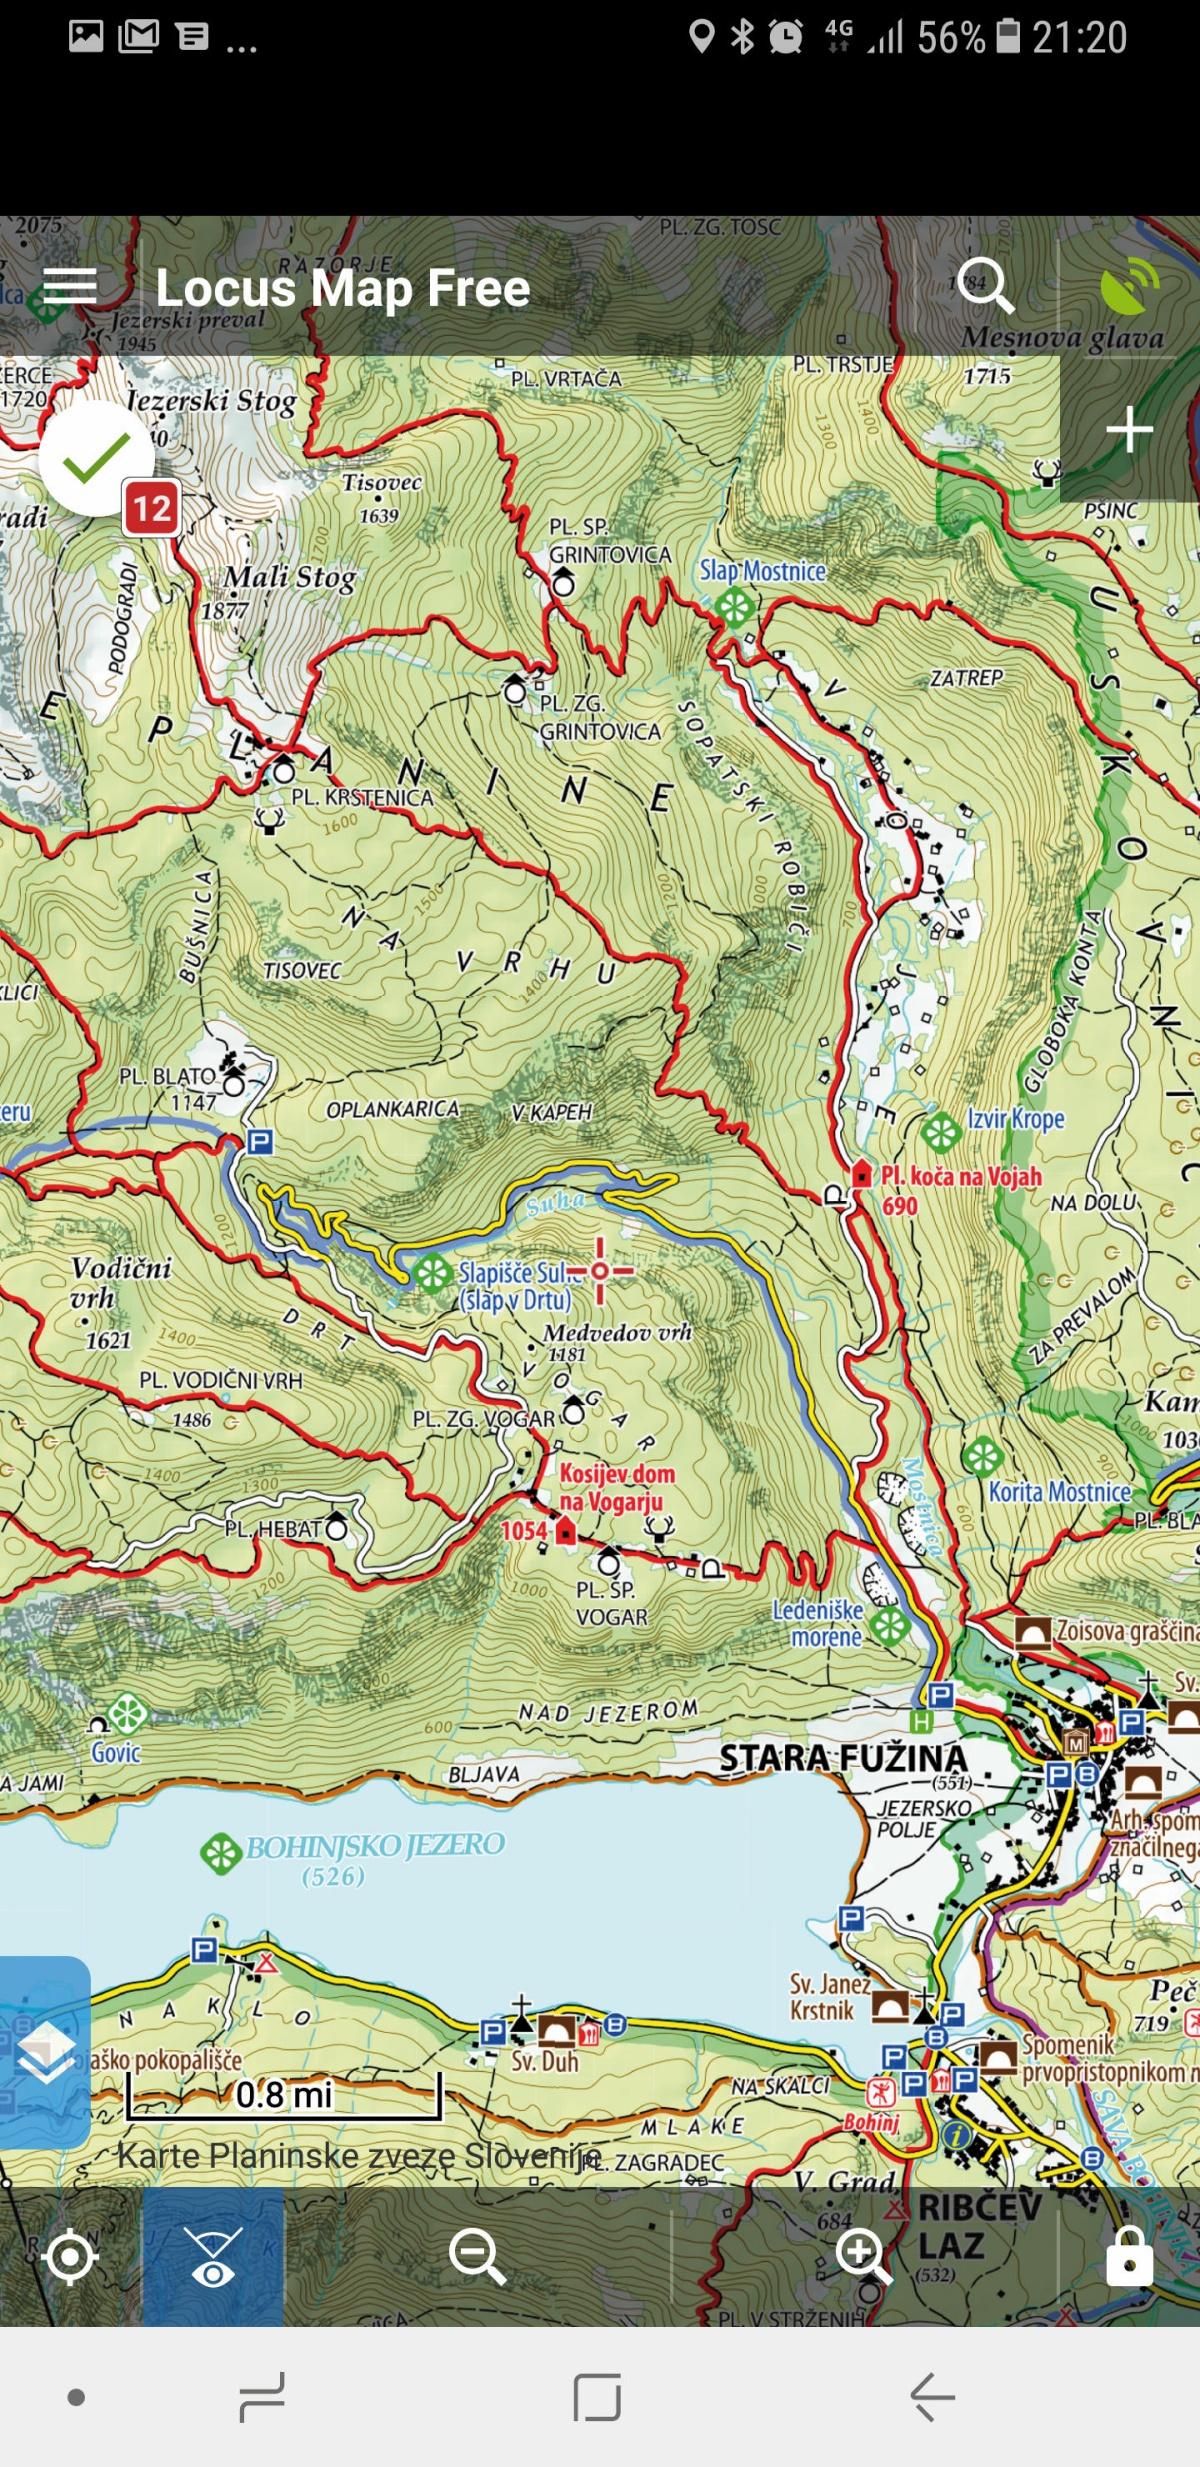 V hribe z digitalnimi zemljevidi   Monitor